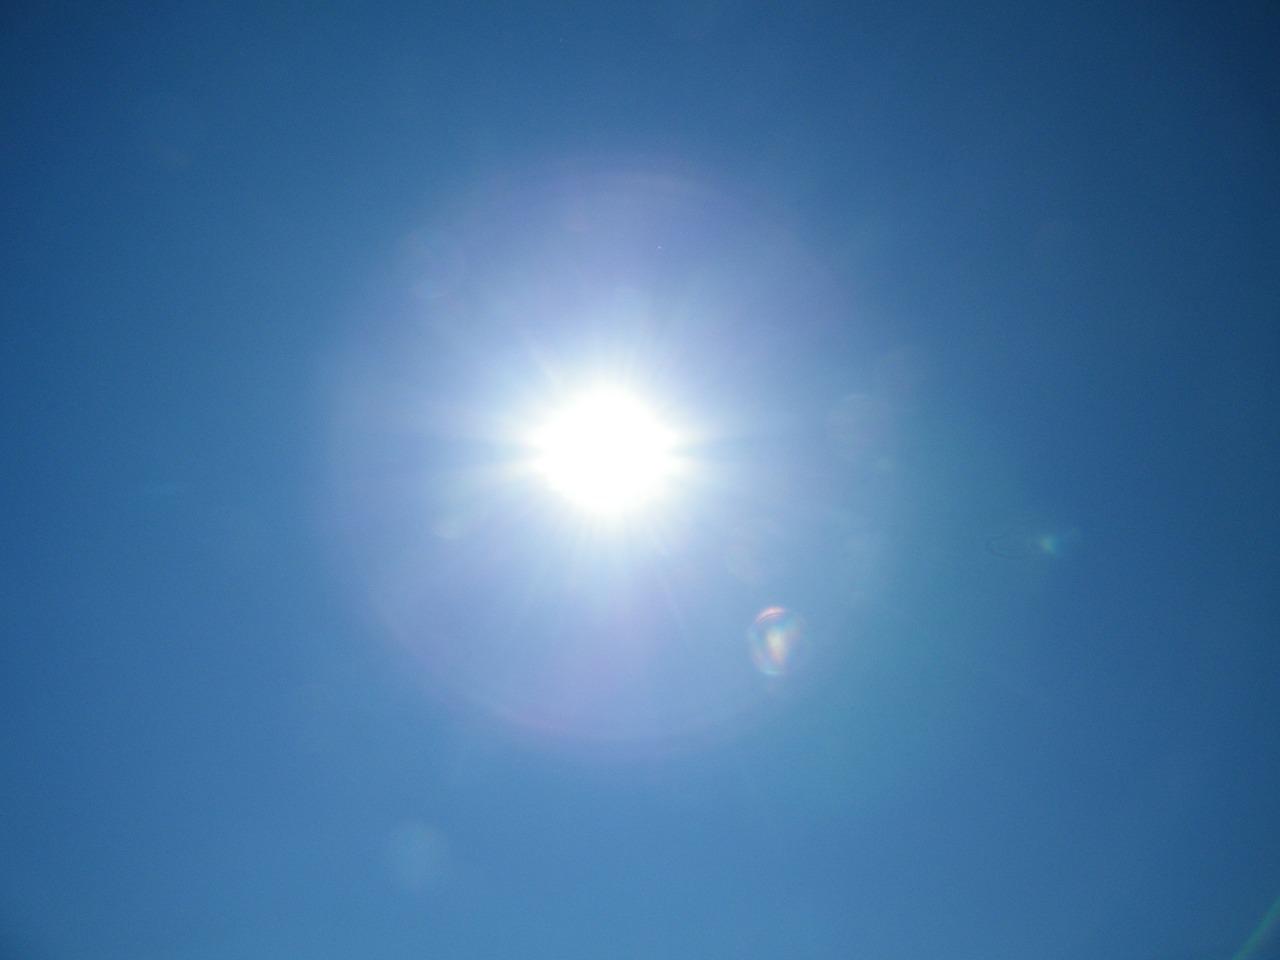 Sommer, Sonne, Sonnenschein - wenn Hitze zum Gesundheitsrisiko wird